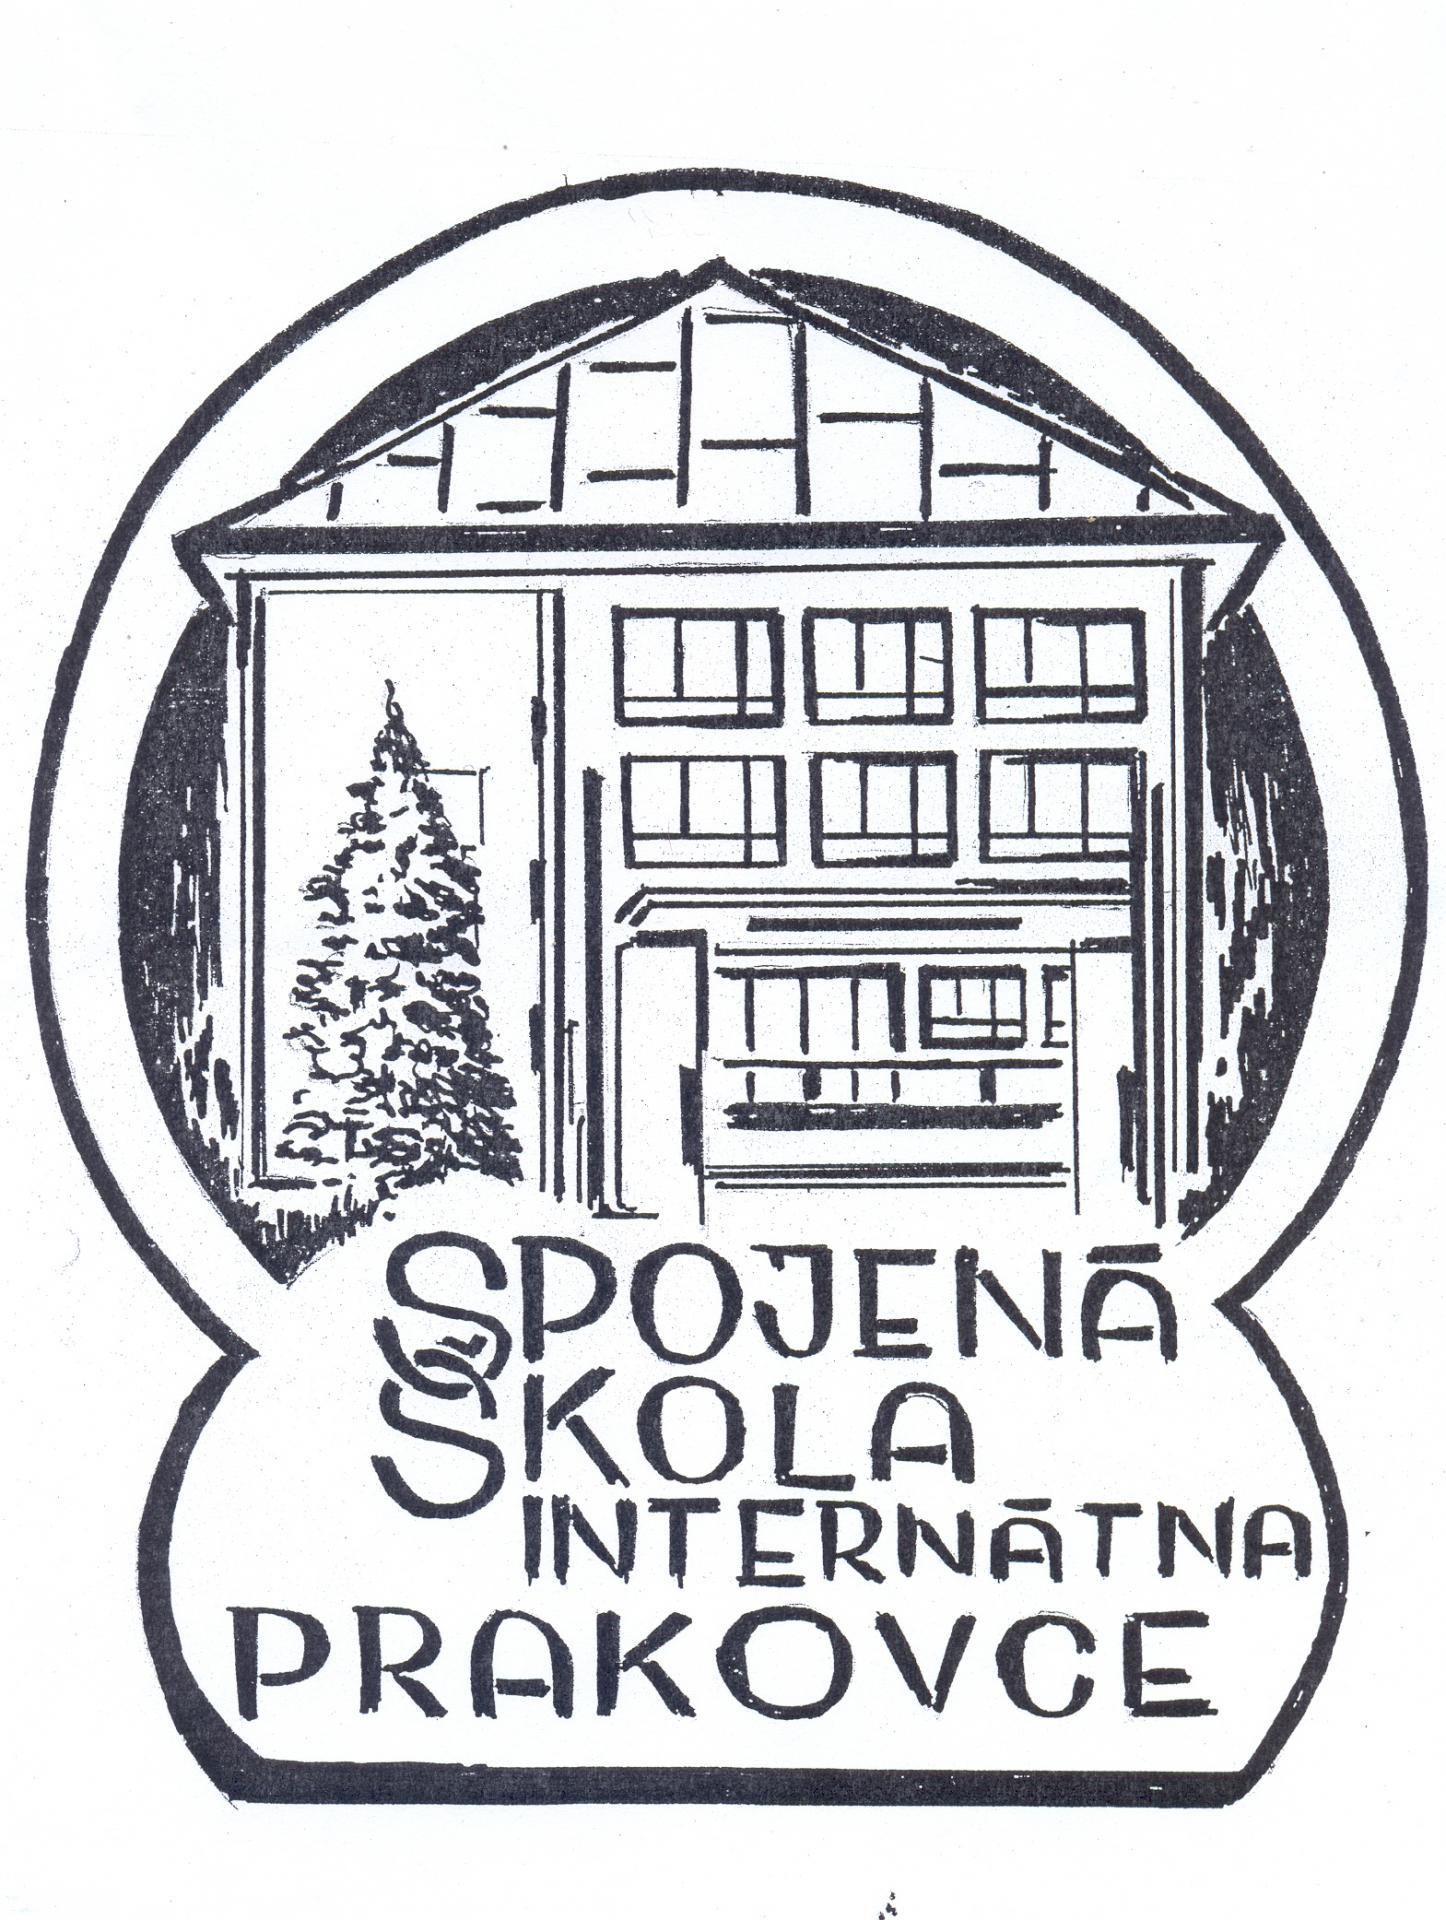 Spojená škola internátna Prakovce